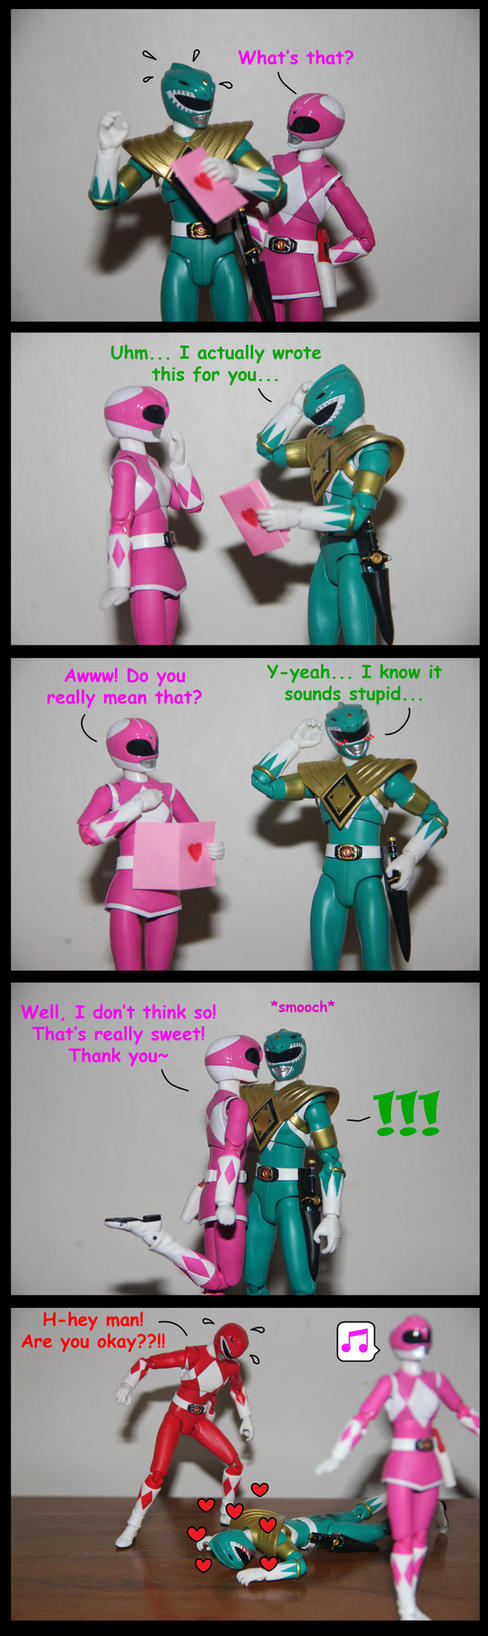 Pink Crush ft. Green Ranger by spongejan